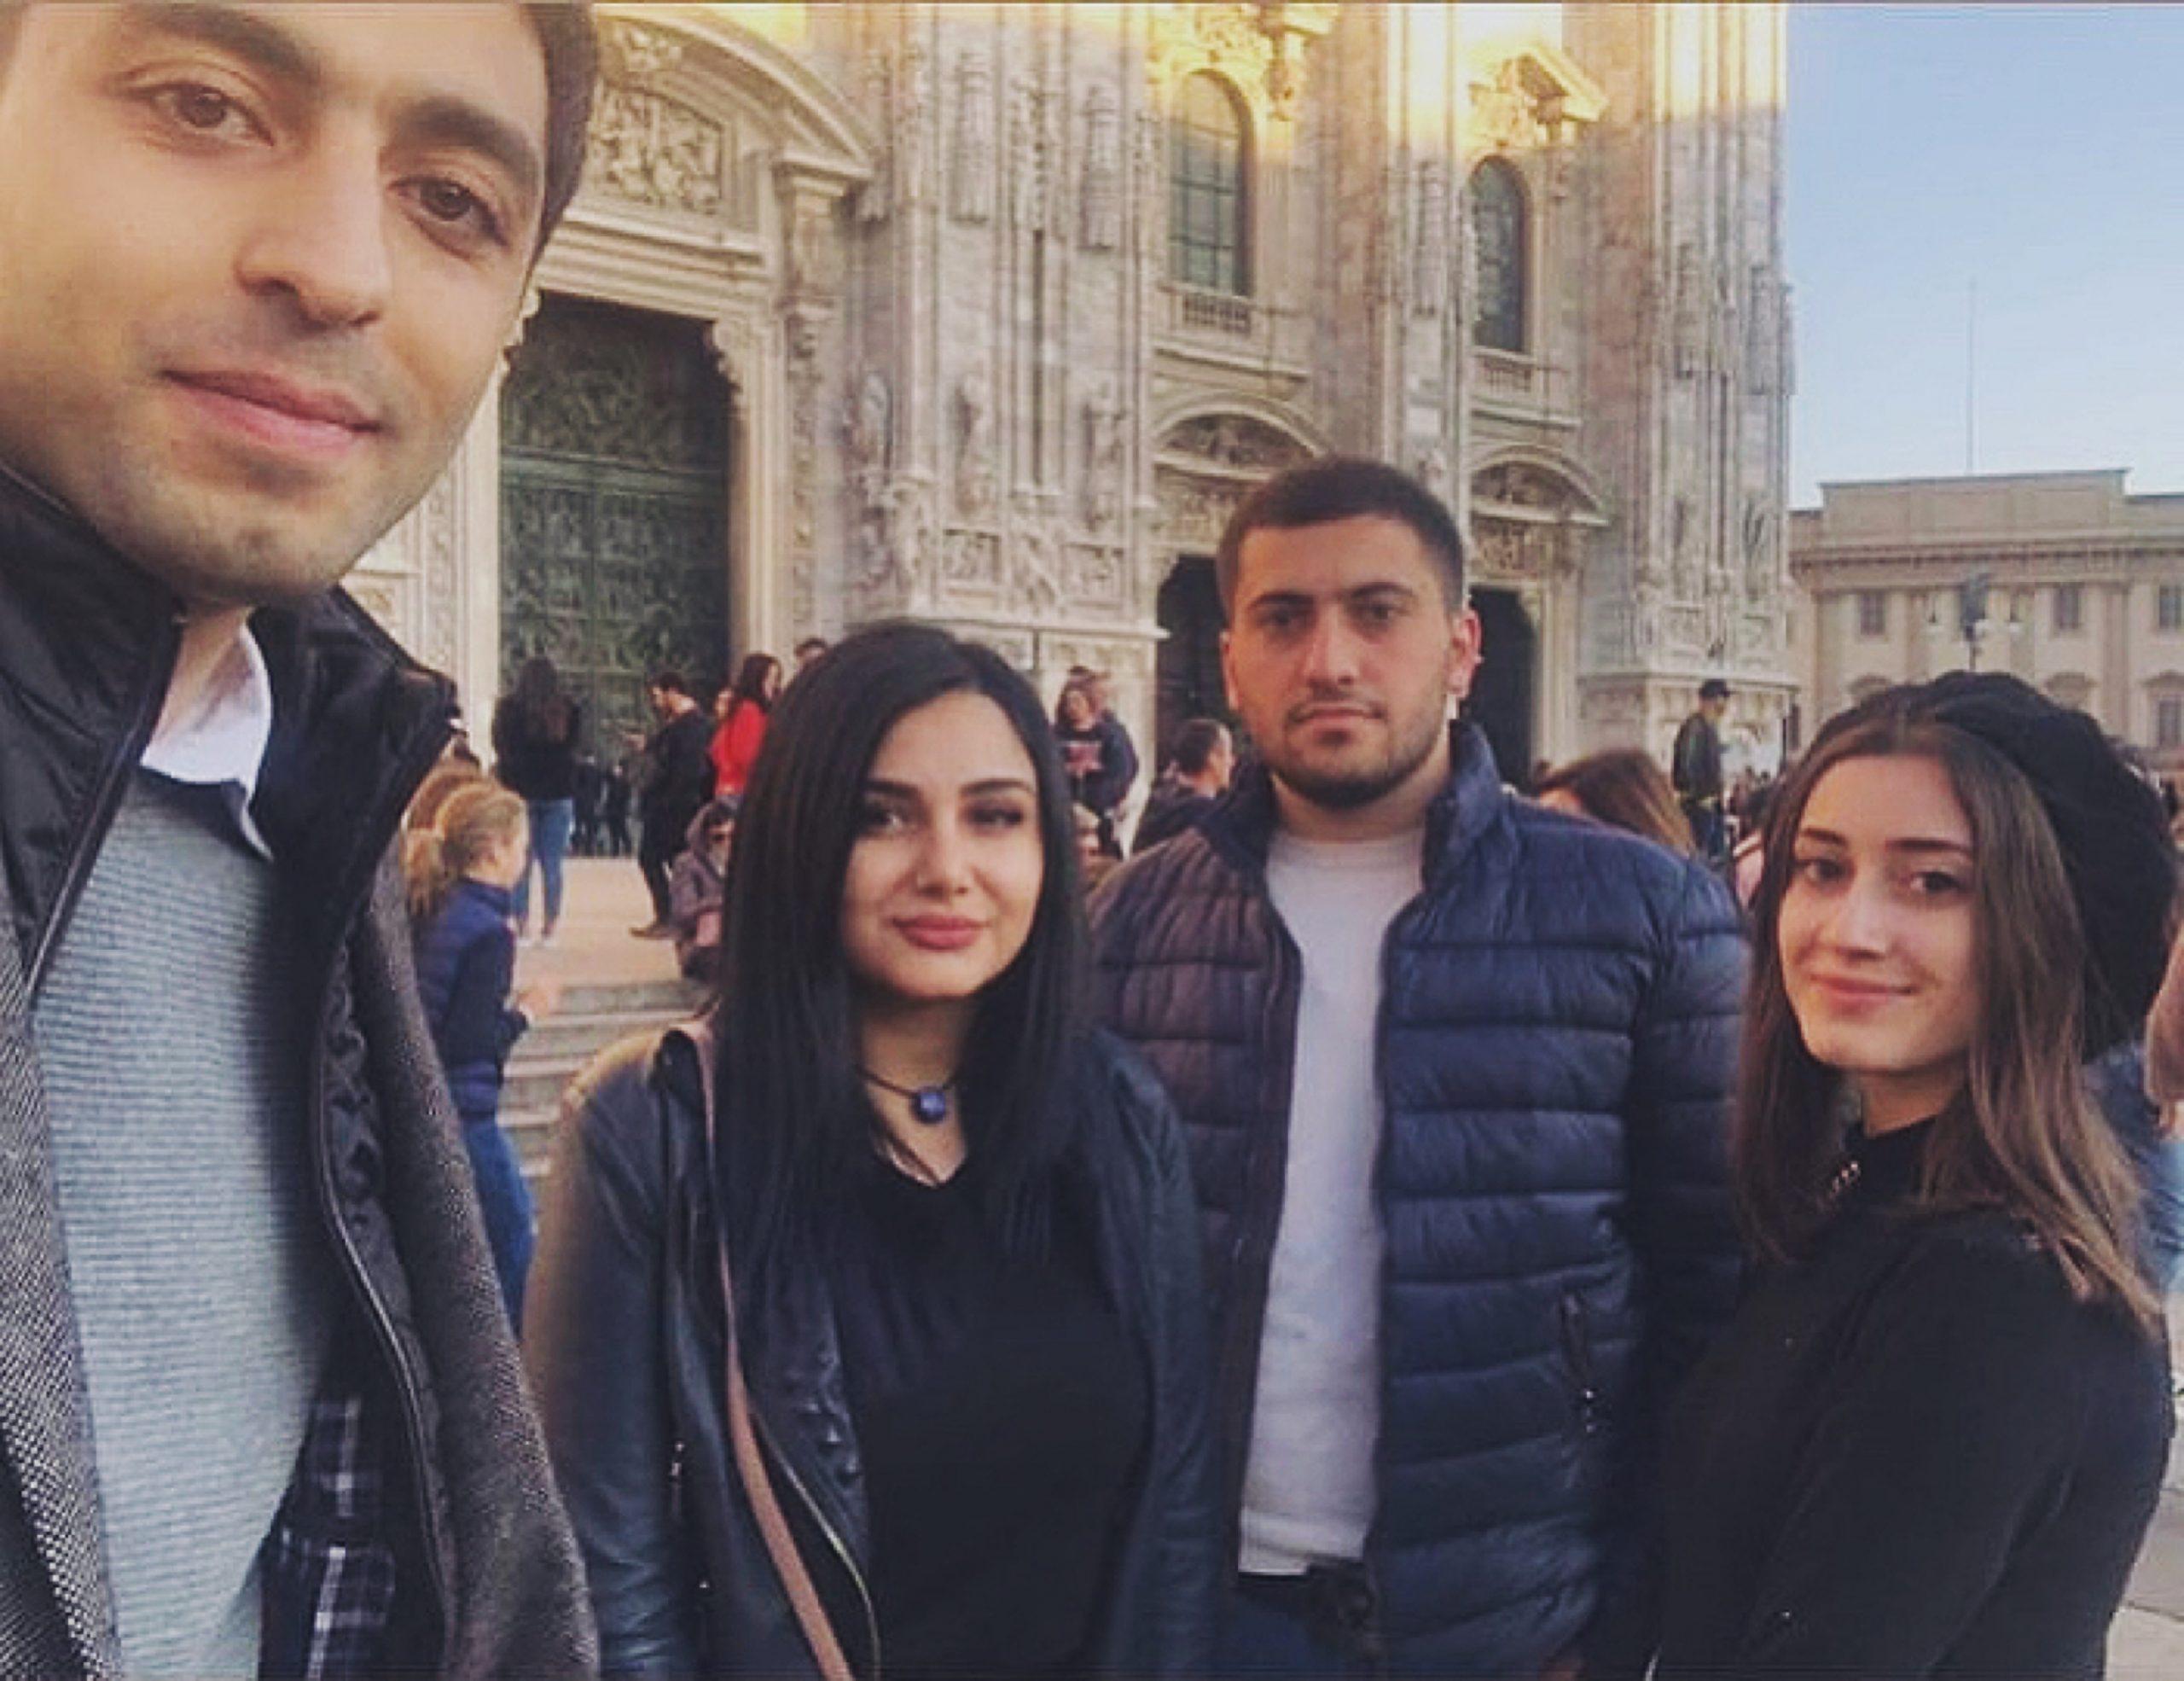 Բացահայտելով ժողովրդավարության արդյունքերը դեպի Իտալիա անմոռանալի ուղևորությամբ